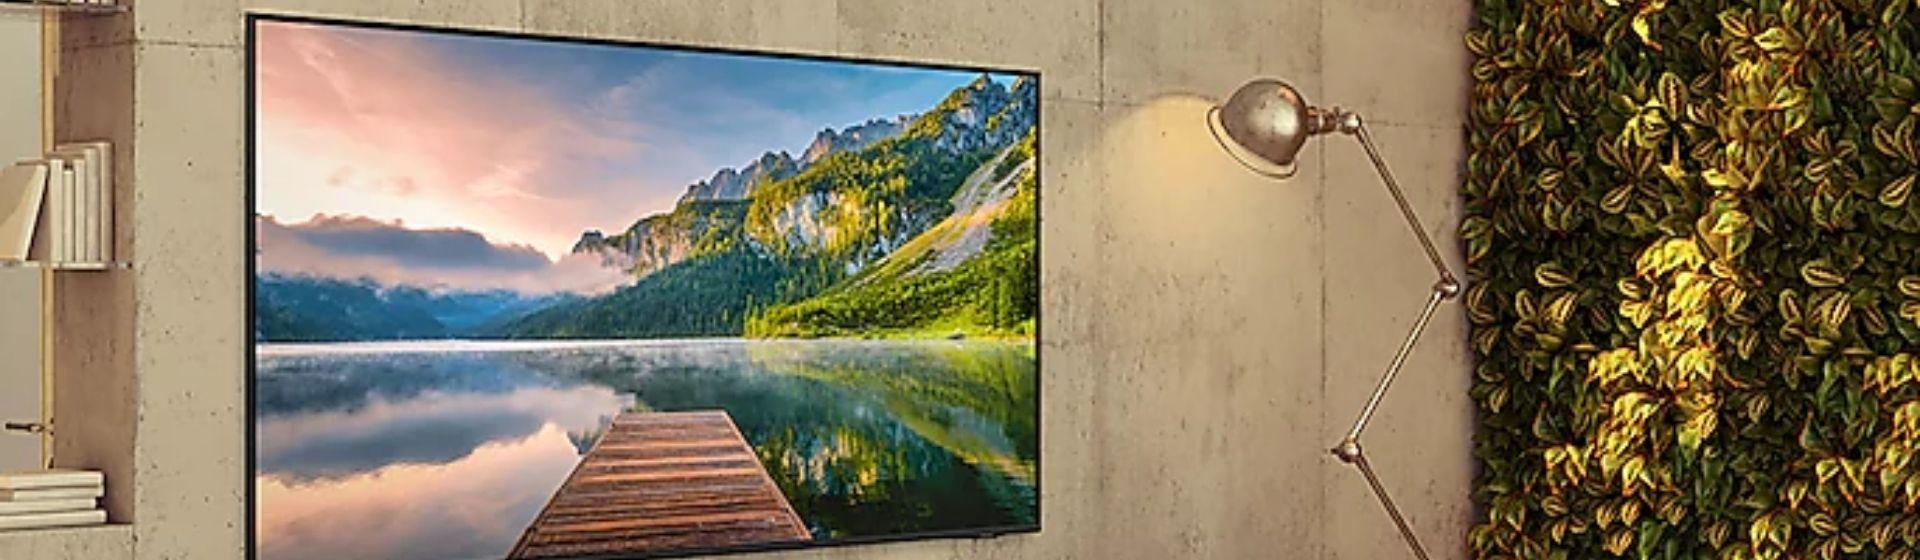 TV Samsung AU8000 é boa? Saiba tudo sobre a nova 4K da marca